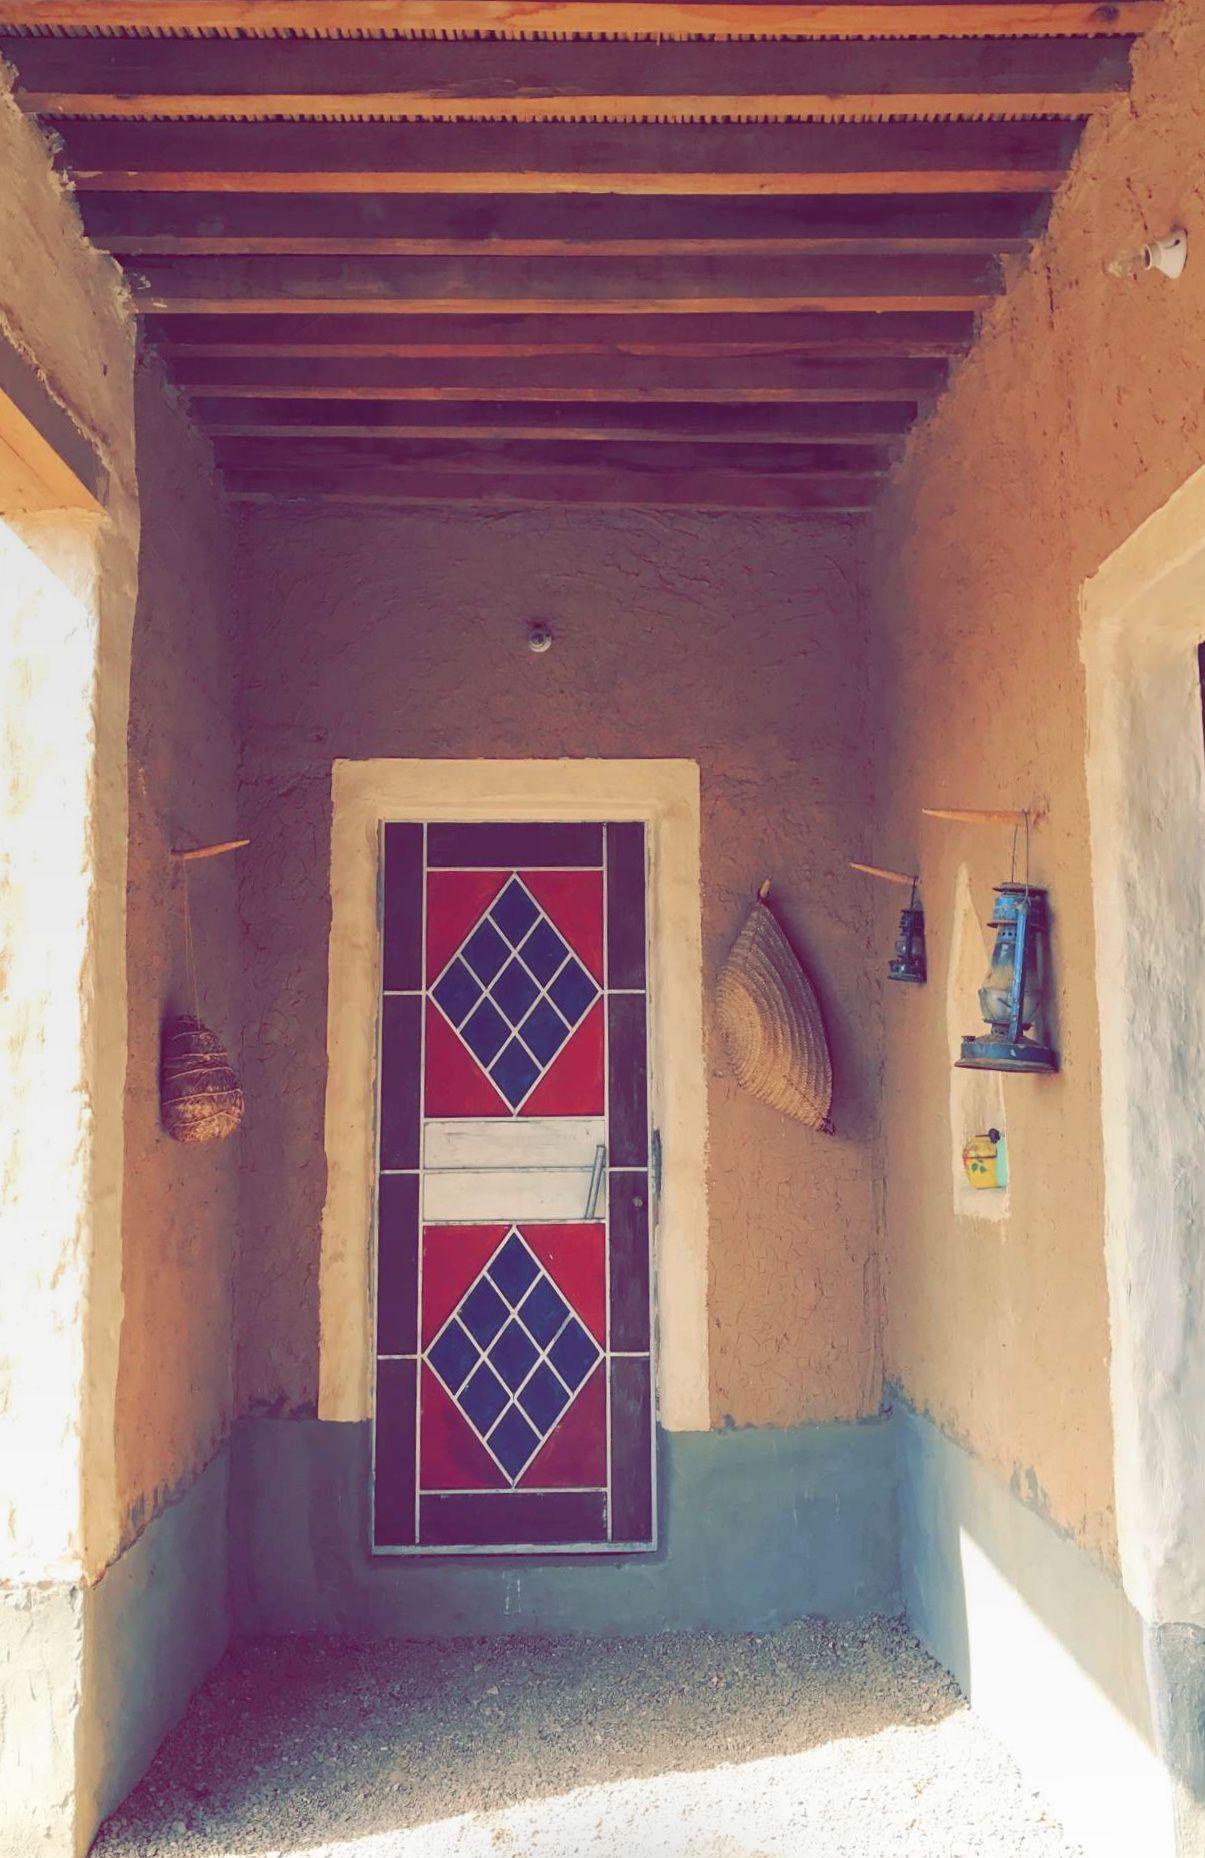 كان الأجداد يعملون لبيوت الطين رسوما وأشكالا جمالية وكان ذلك يتم باليدلواجهة المنزل مثل المثلثات والمربعات وما شابهها كي تبدو Restaurant Design Design Decor